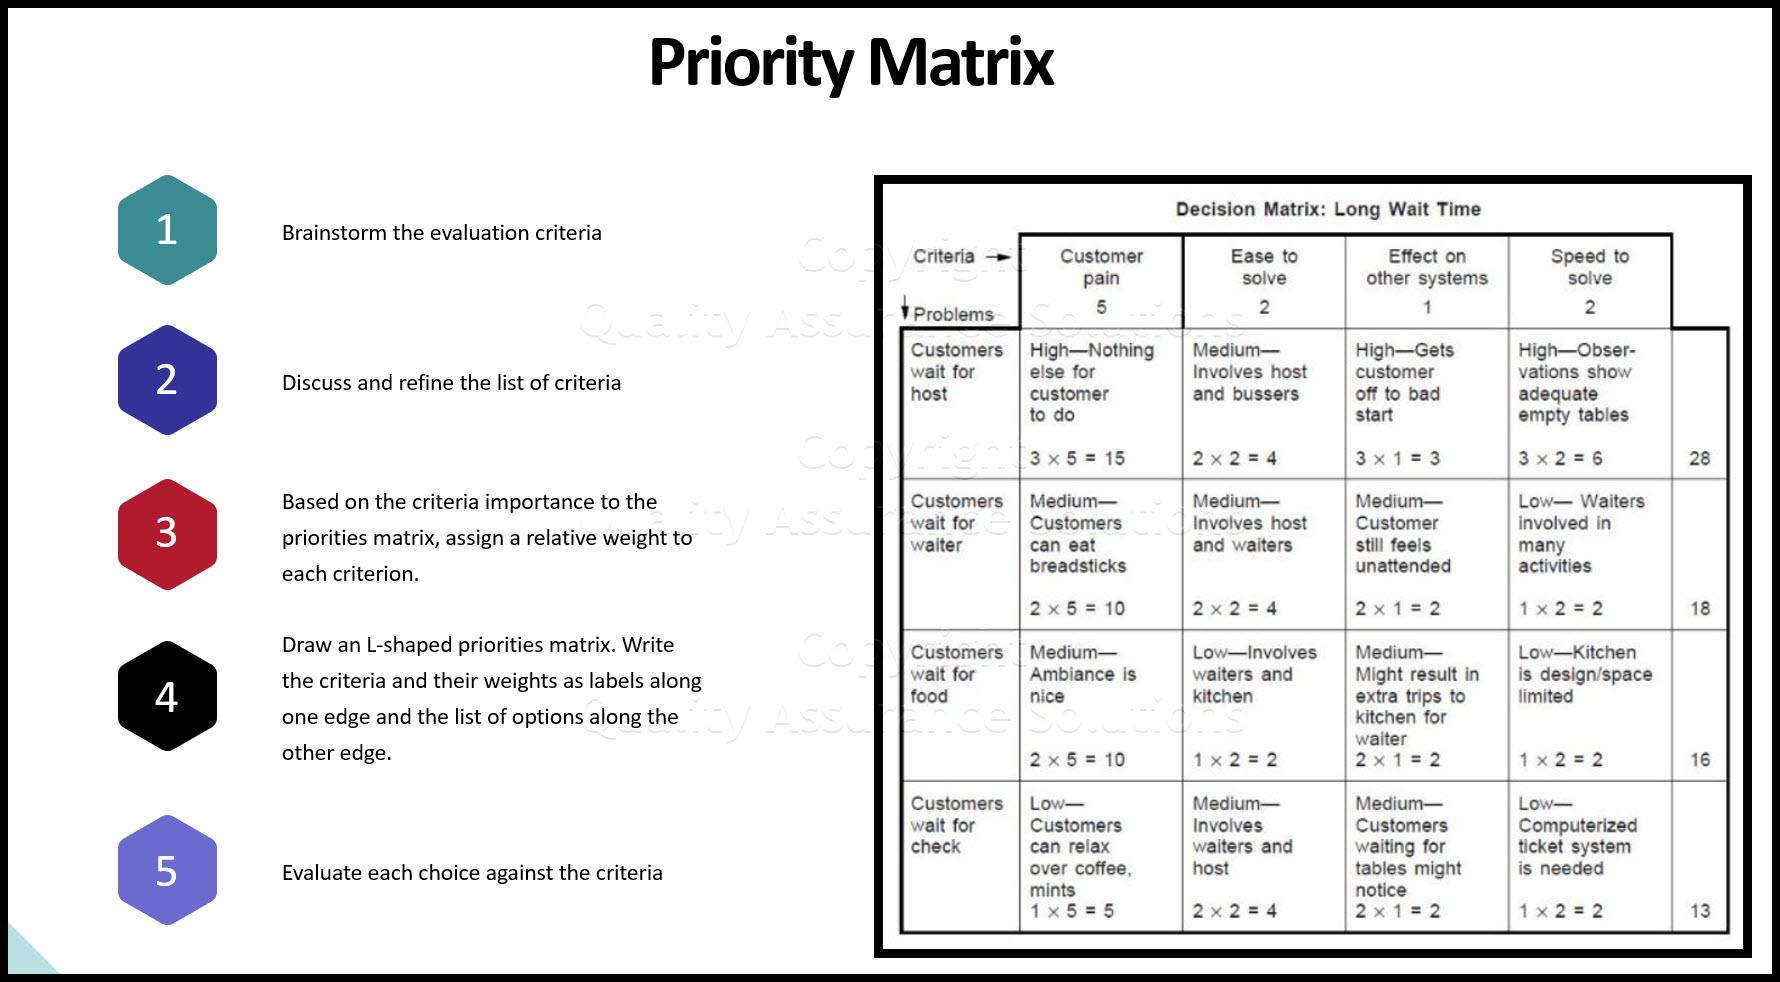 Priorities matrix business slide